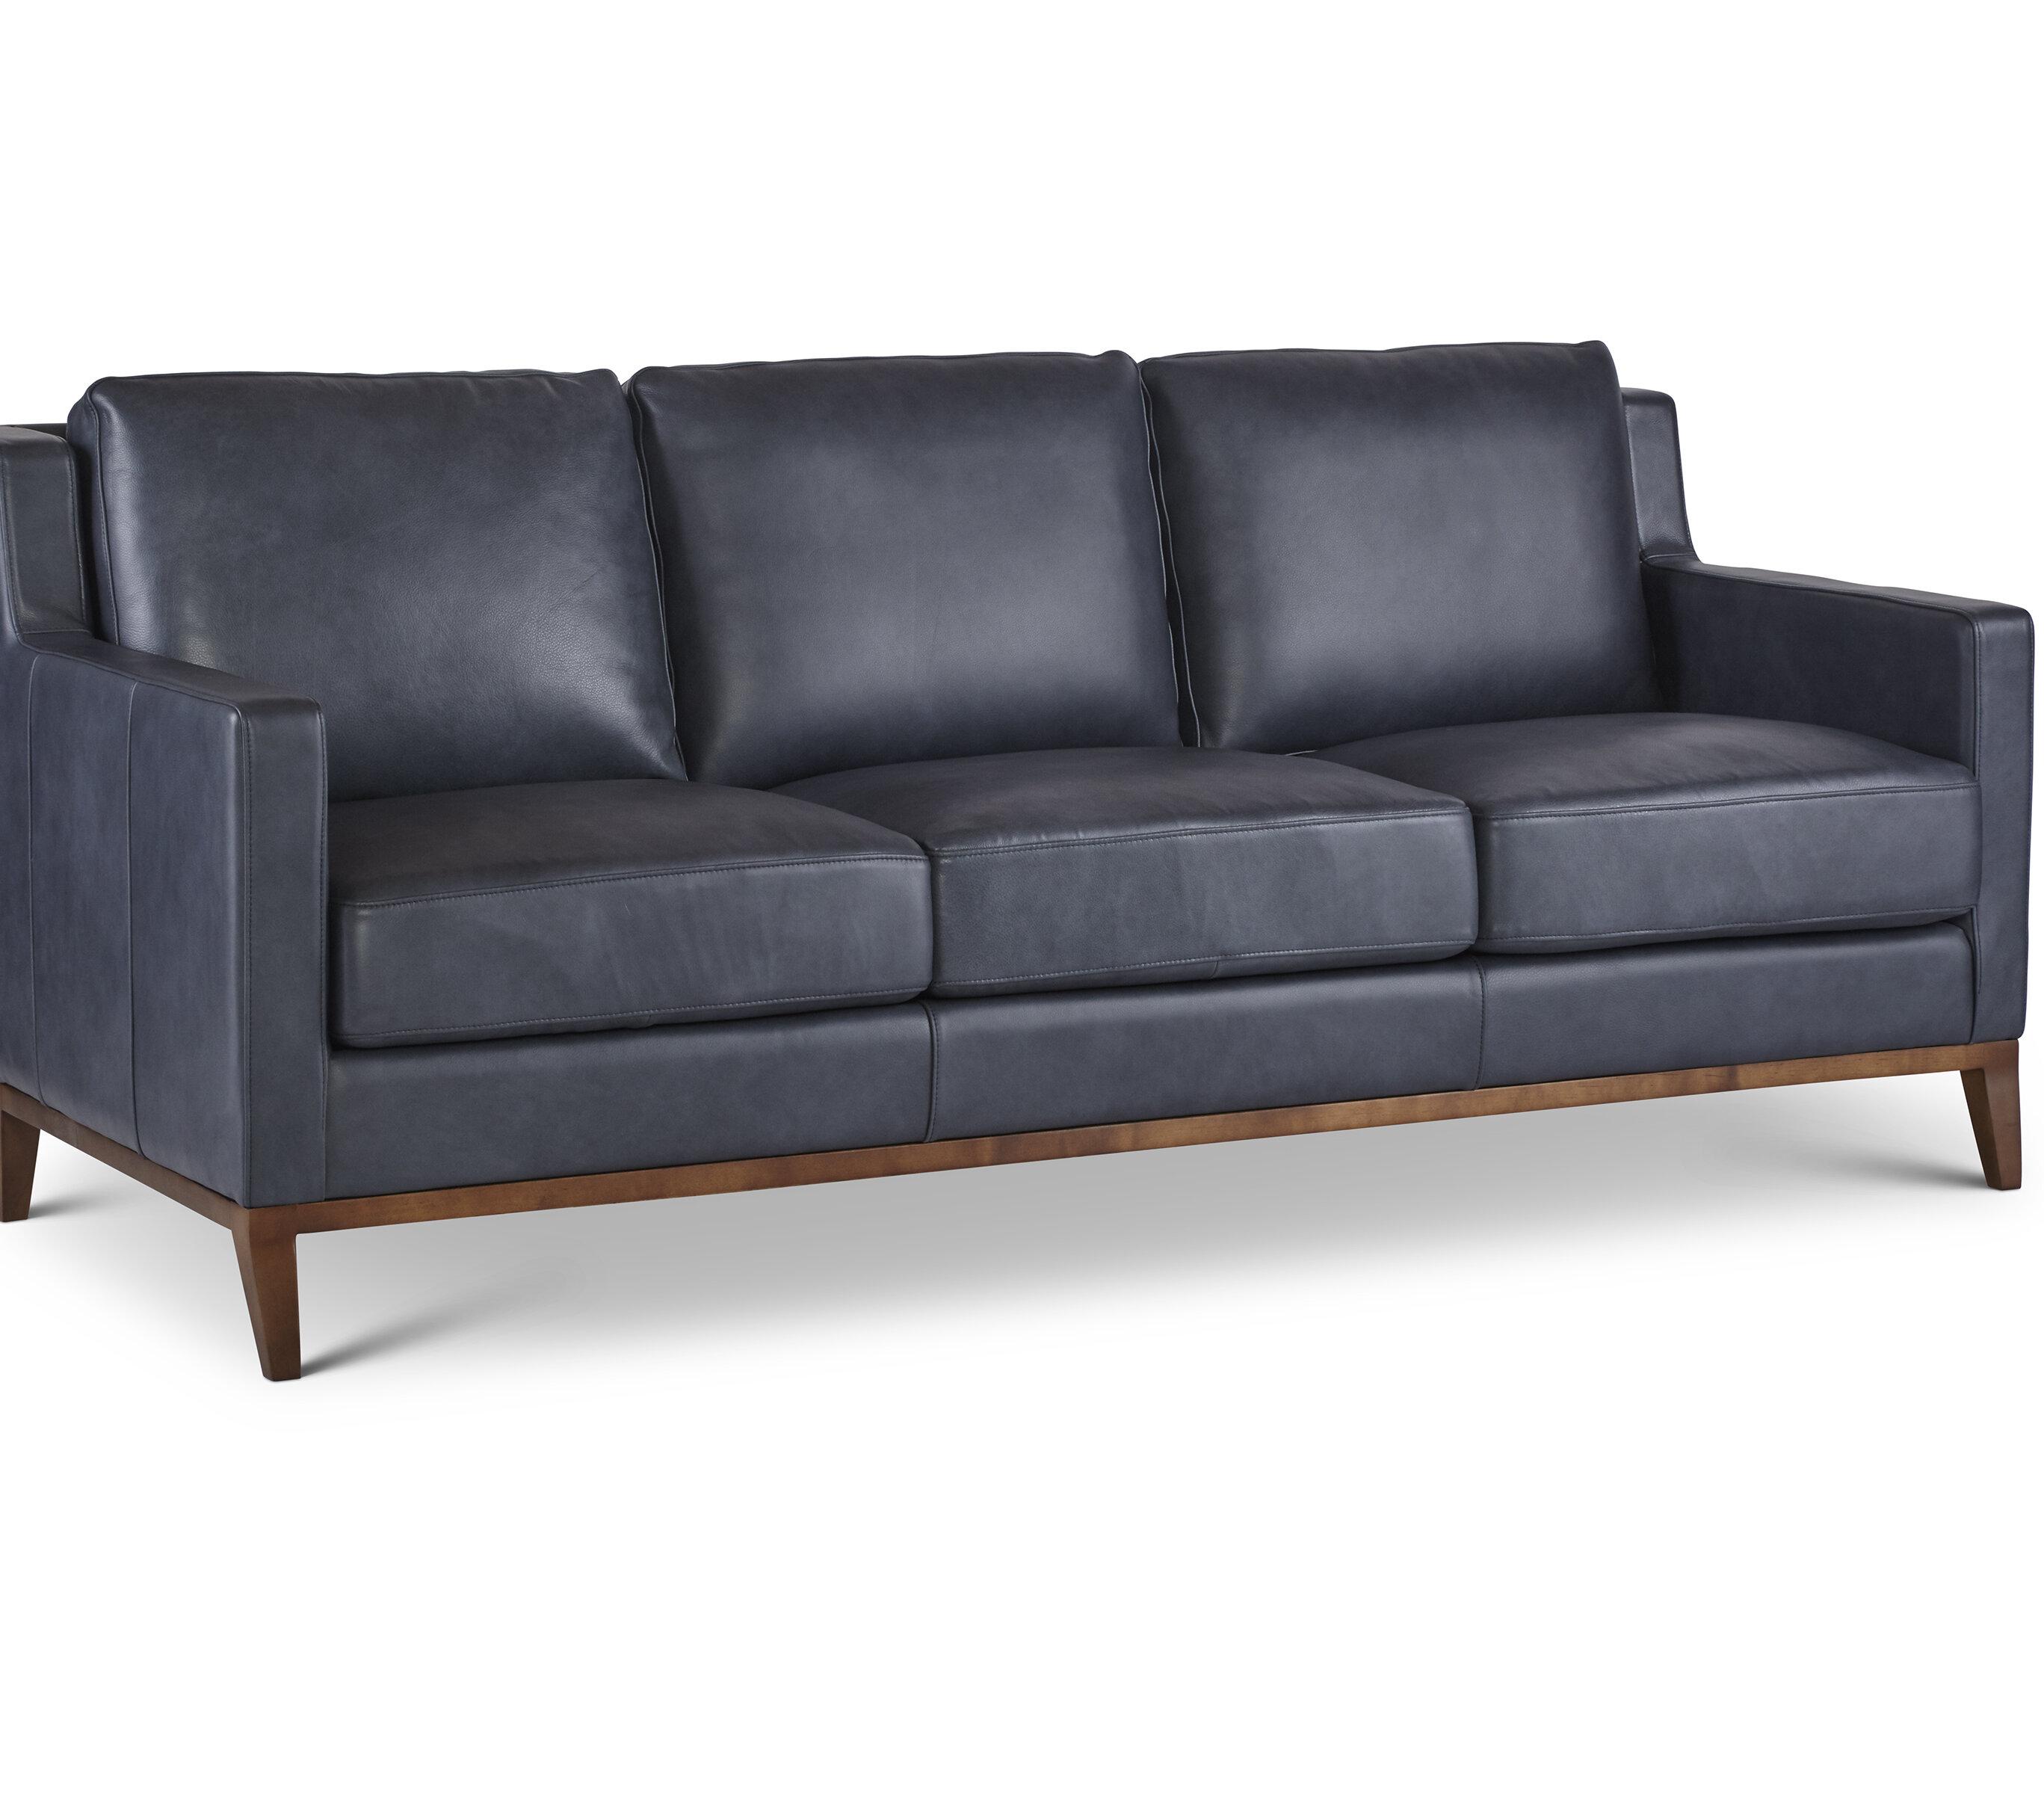 Cool Myars Cognac Leather Sofa Wayfair Creativecarmelina Interior Chair Design Creativecarmelinacom